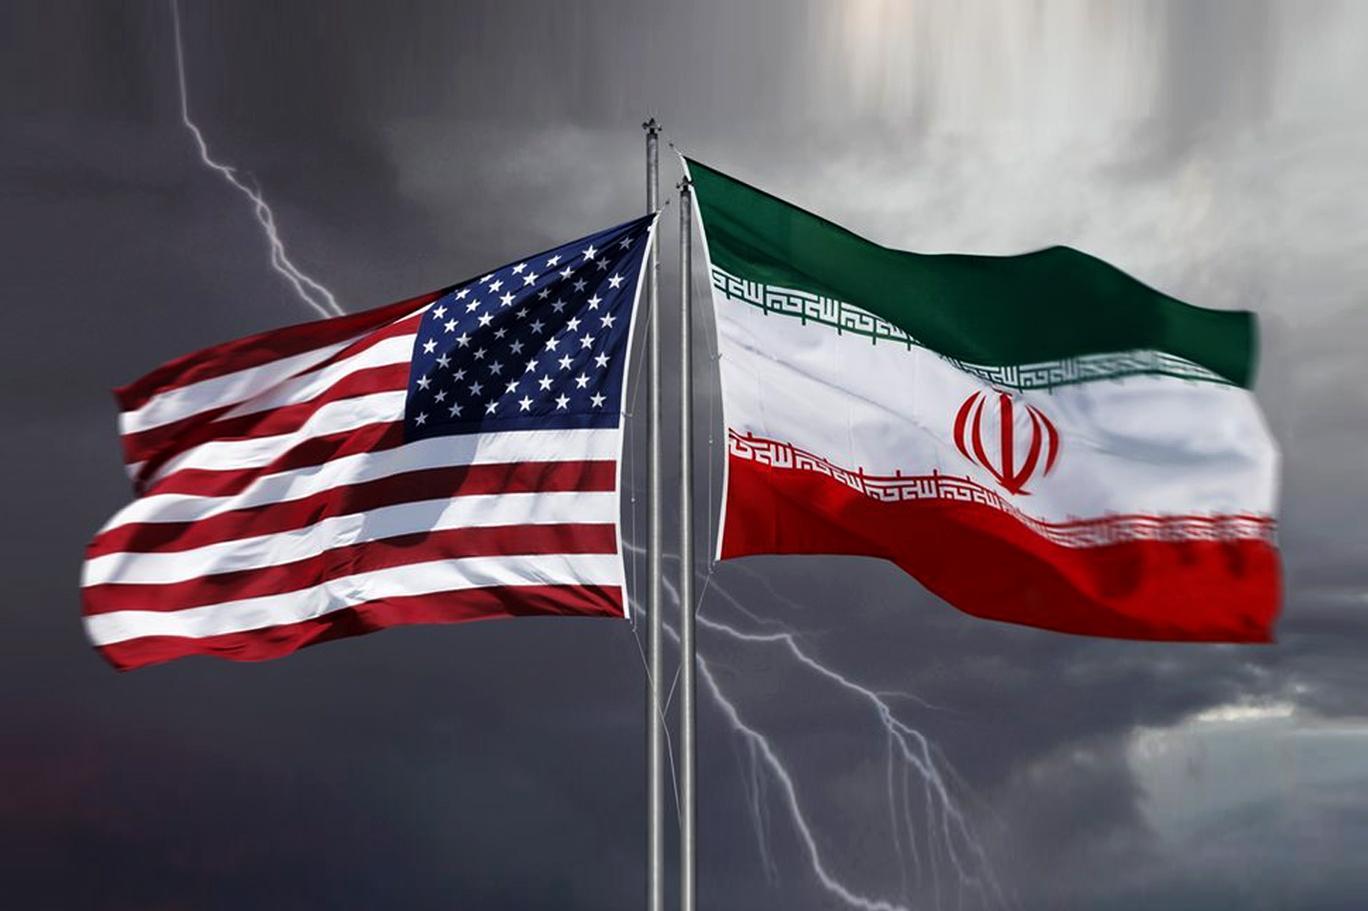 İran'dan ABD'ye suçlama: IŞİD'in faaliyetlerini güçlendiriyor